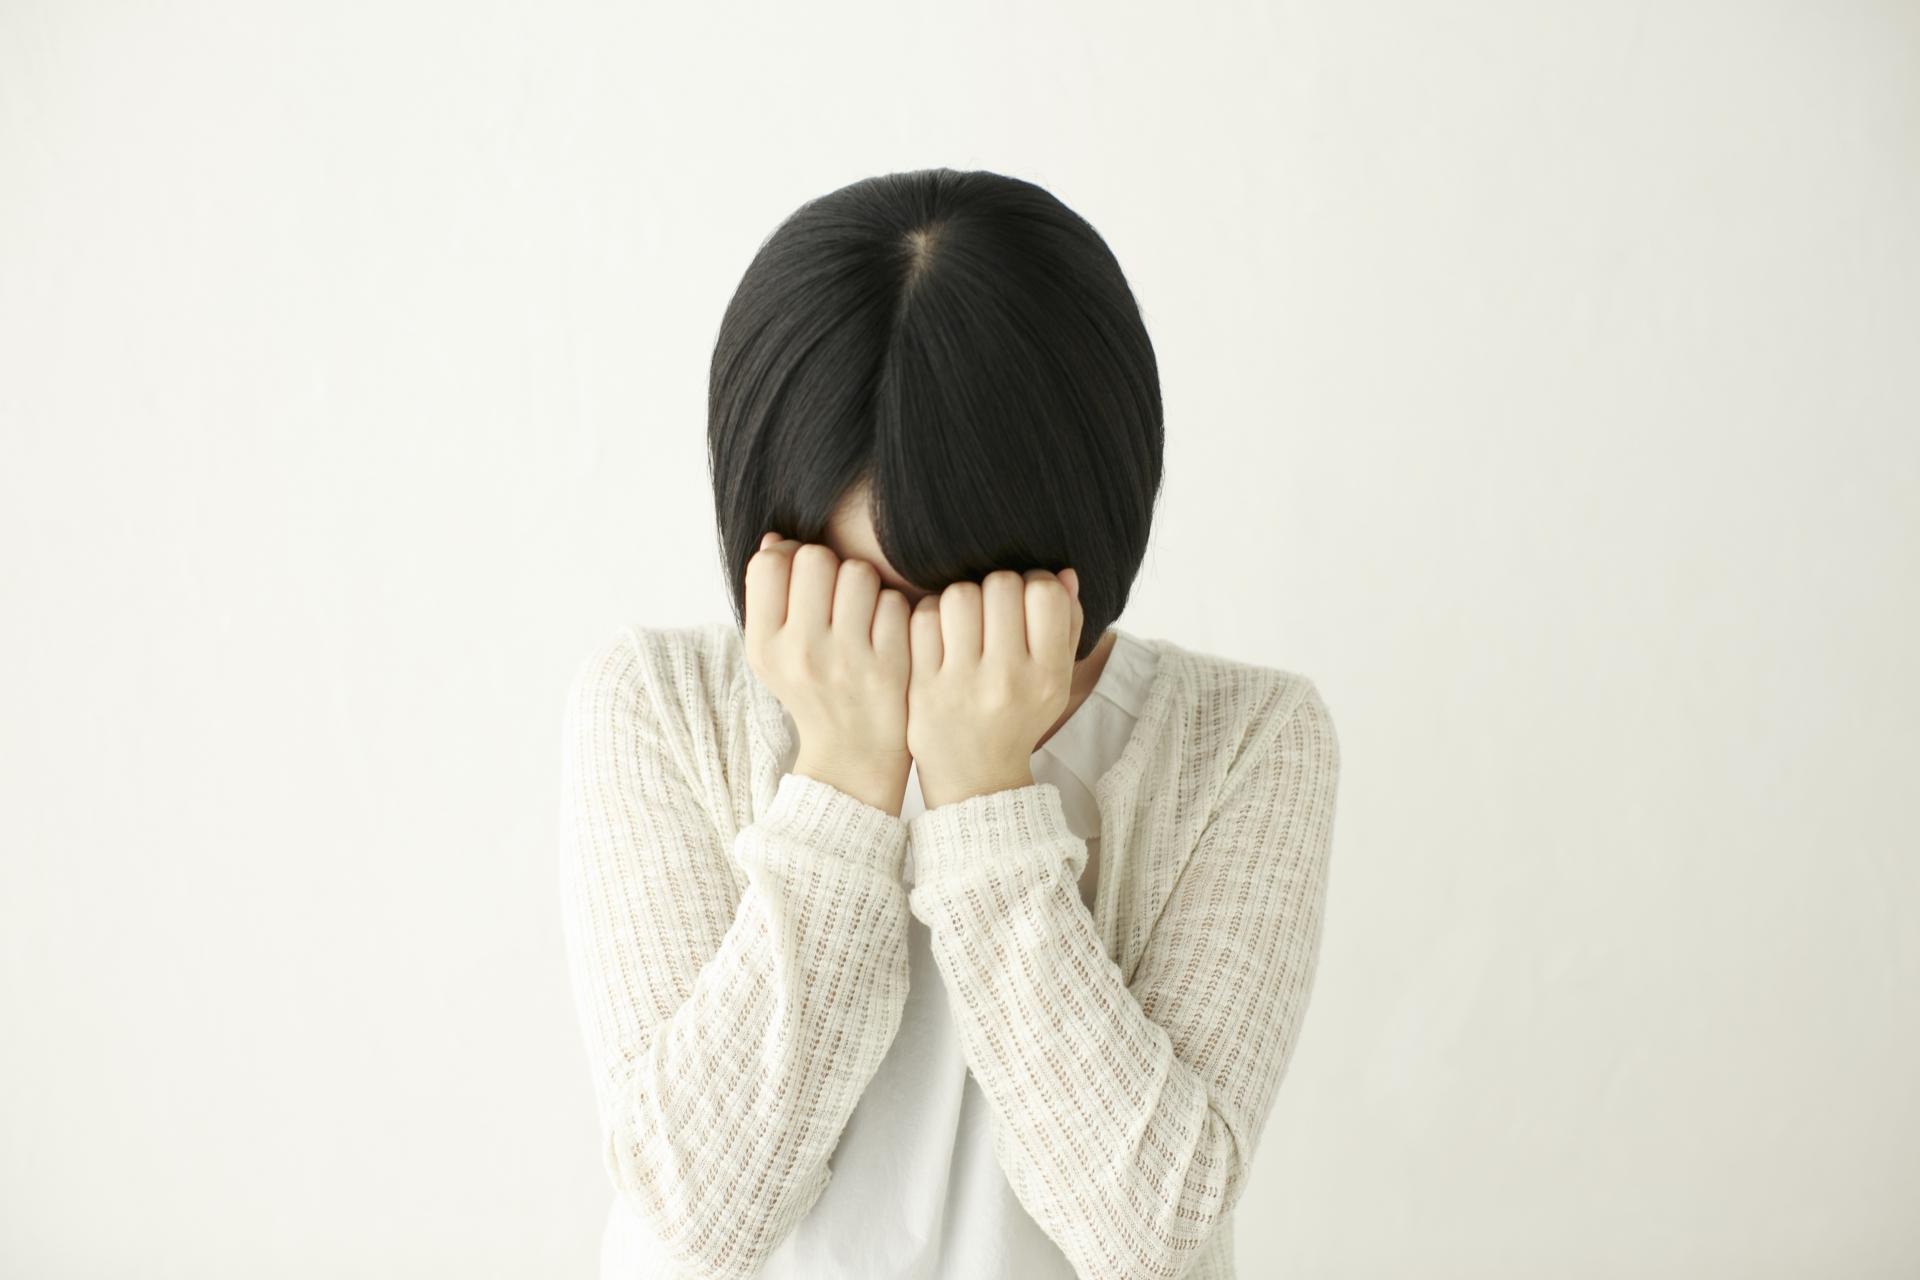 子育て中だからと何事も逃げたり、後回しにしてきたことを後悔